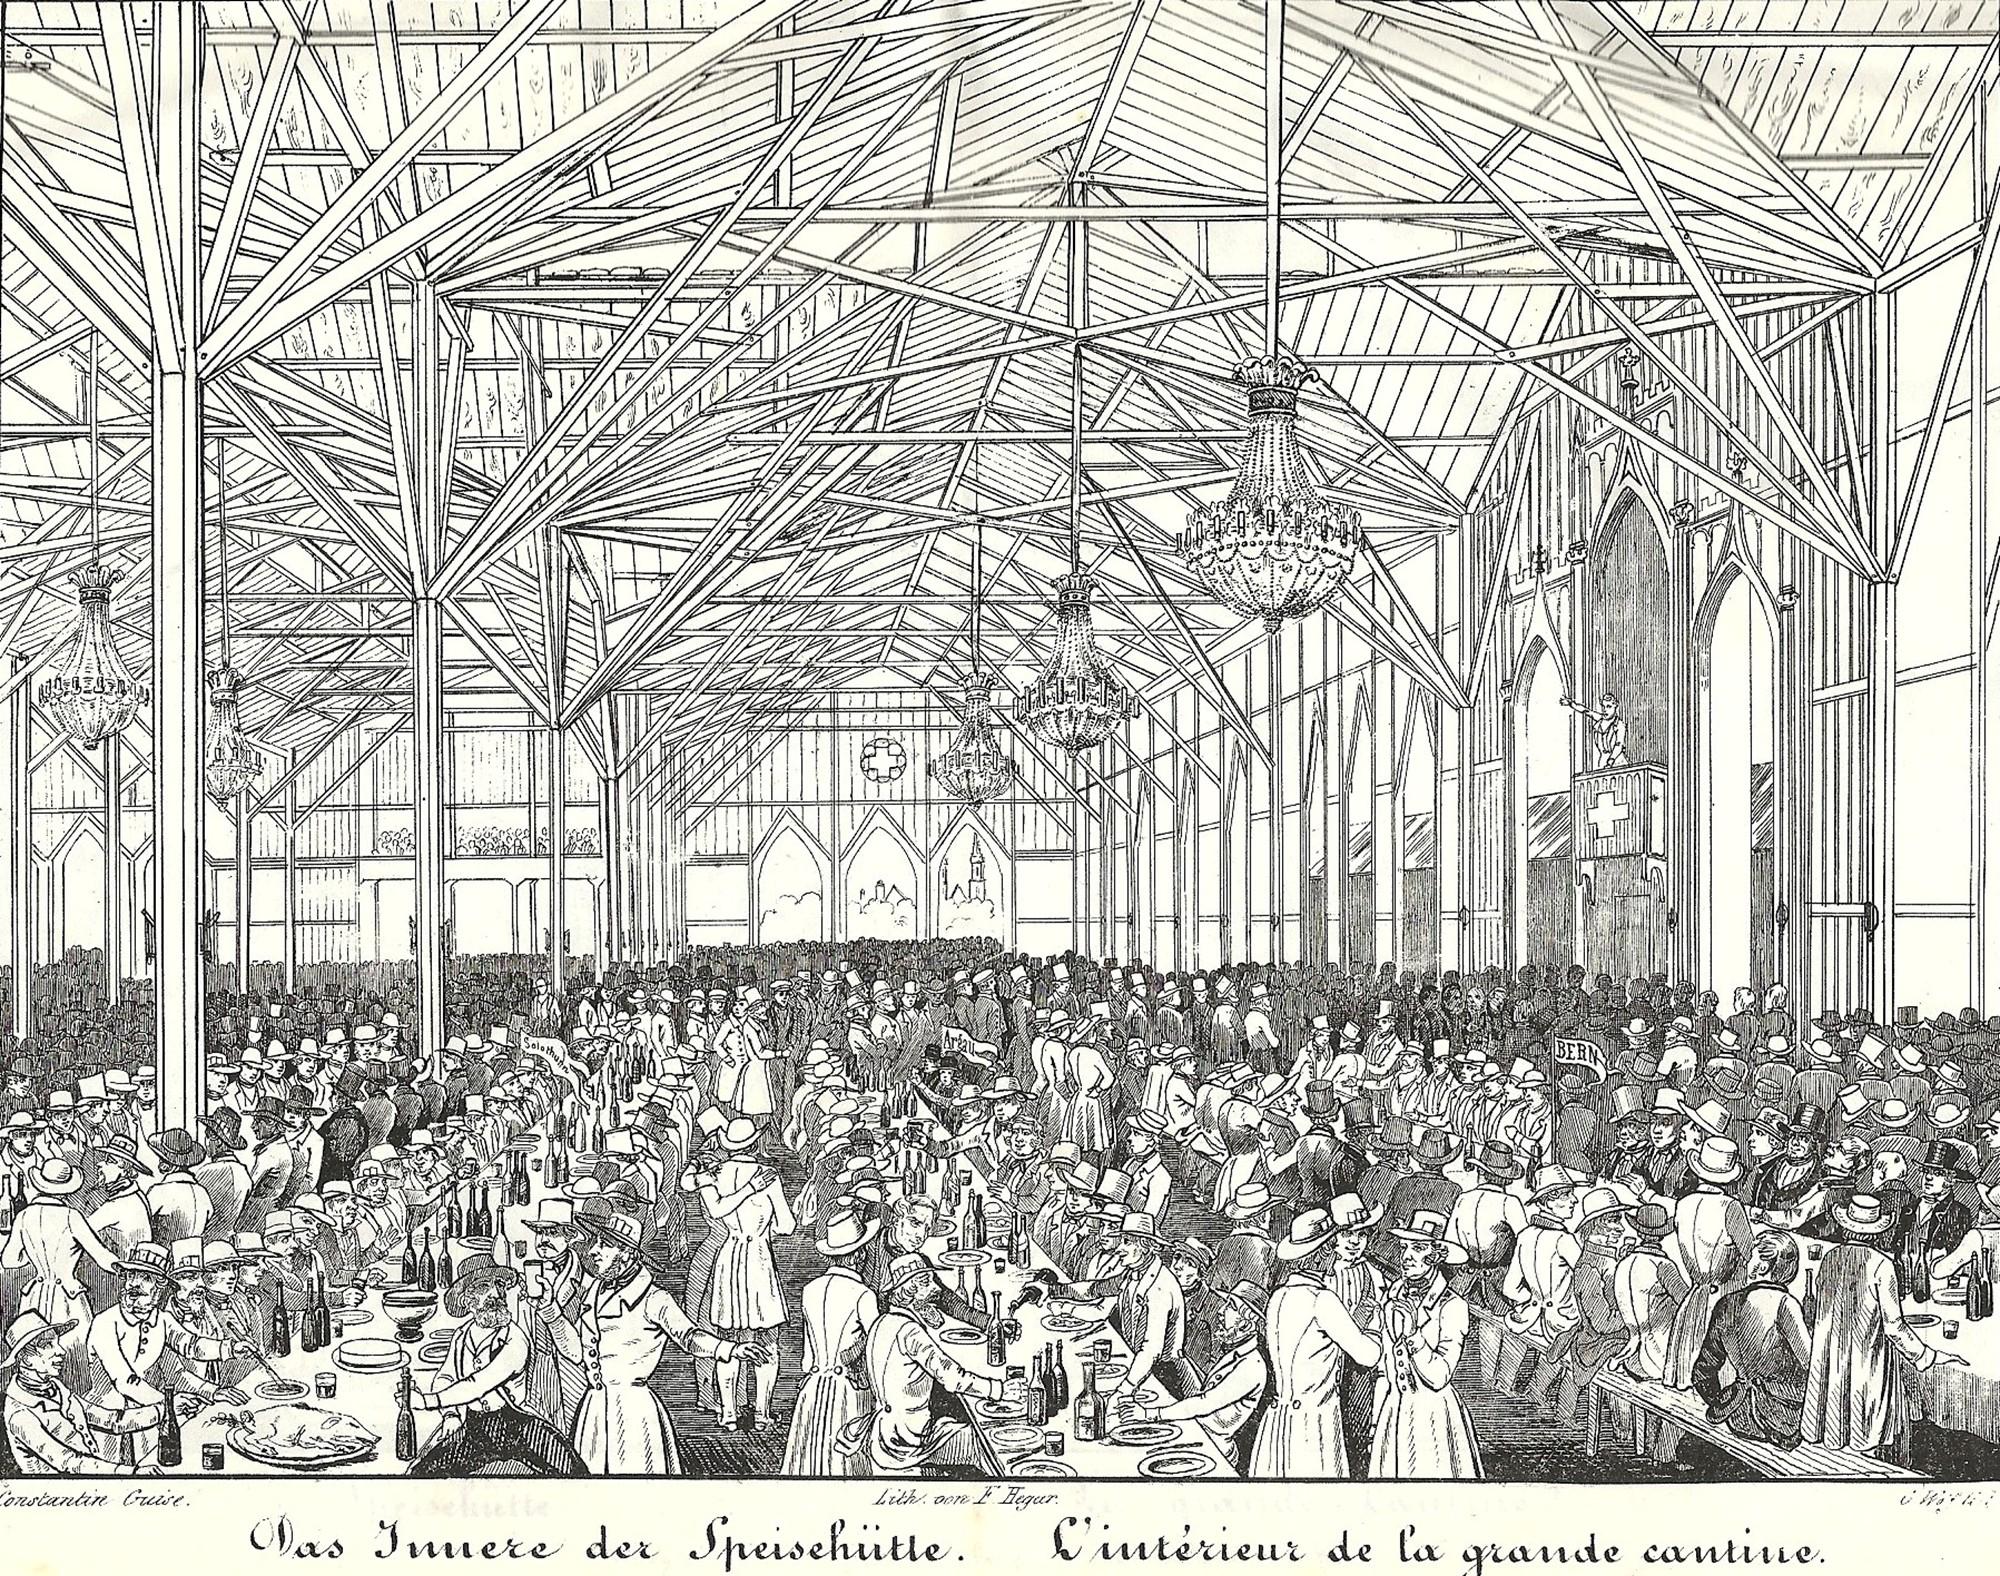 Eidg. Ehr- und Freischiessen 1844 in Basel